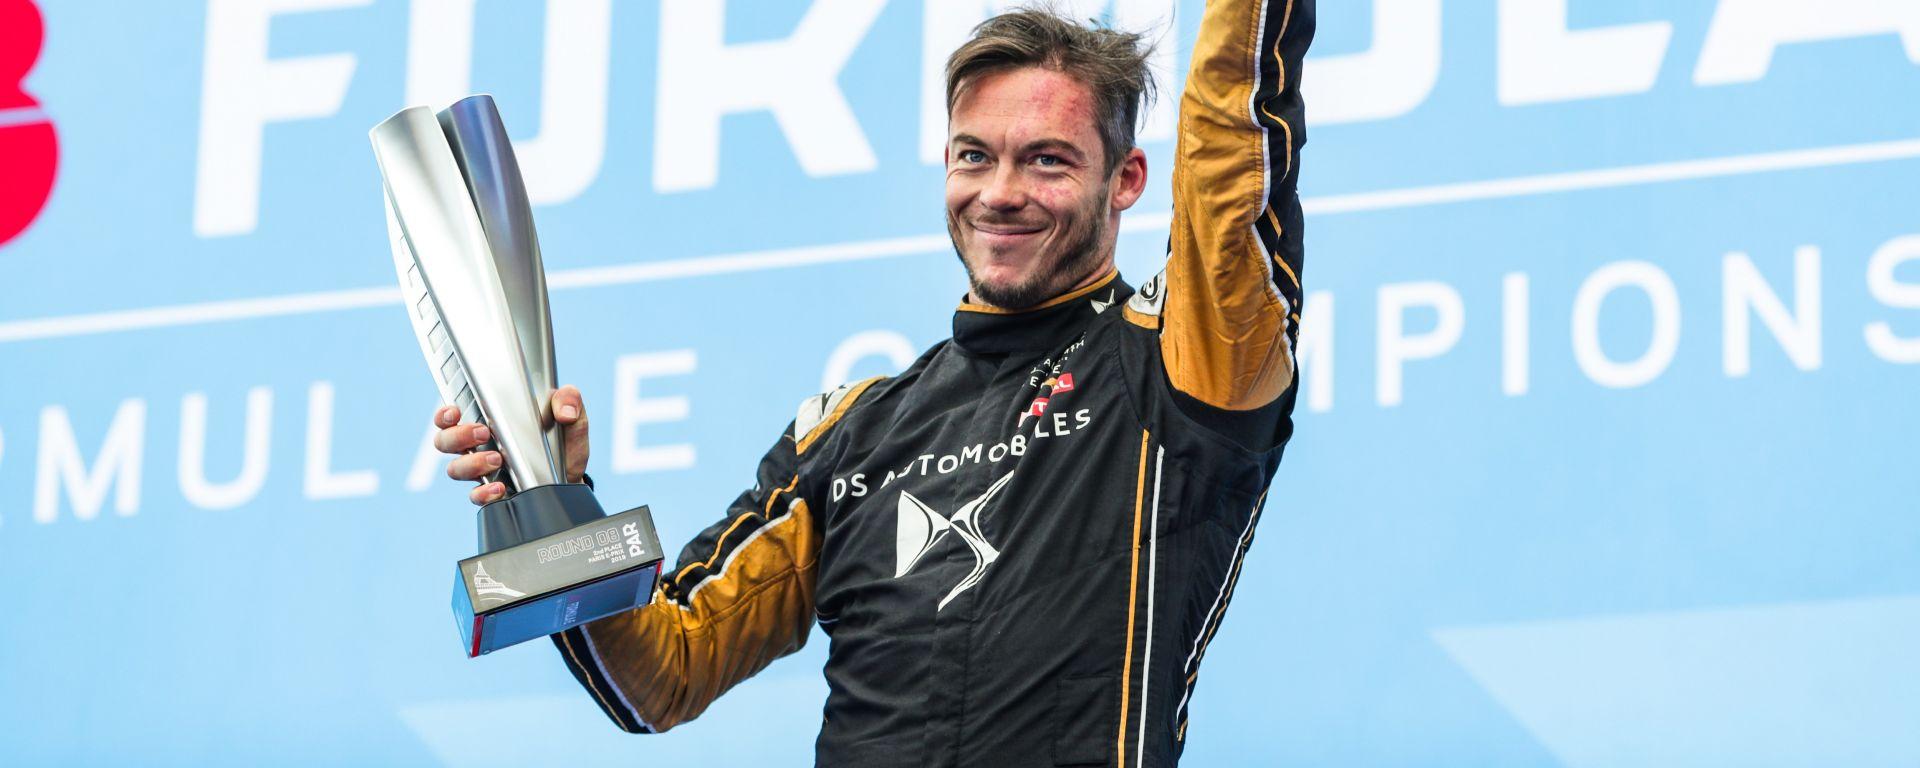 ePrix Parigi 2019, André Lotterer sul podio